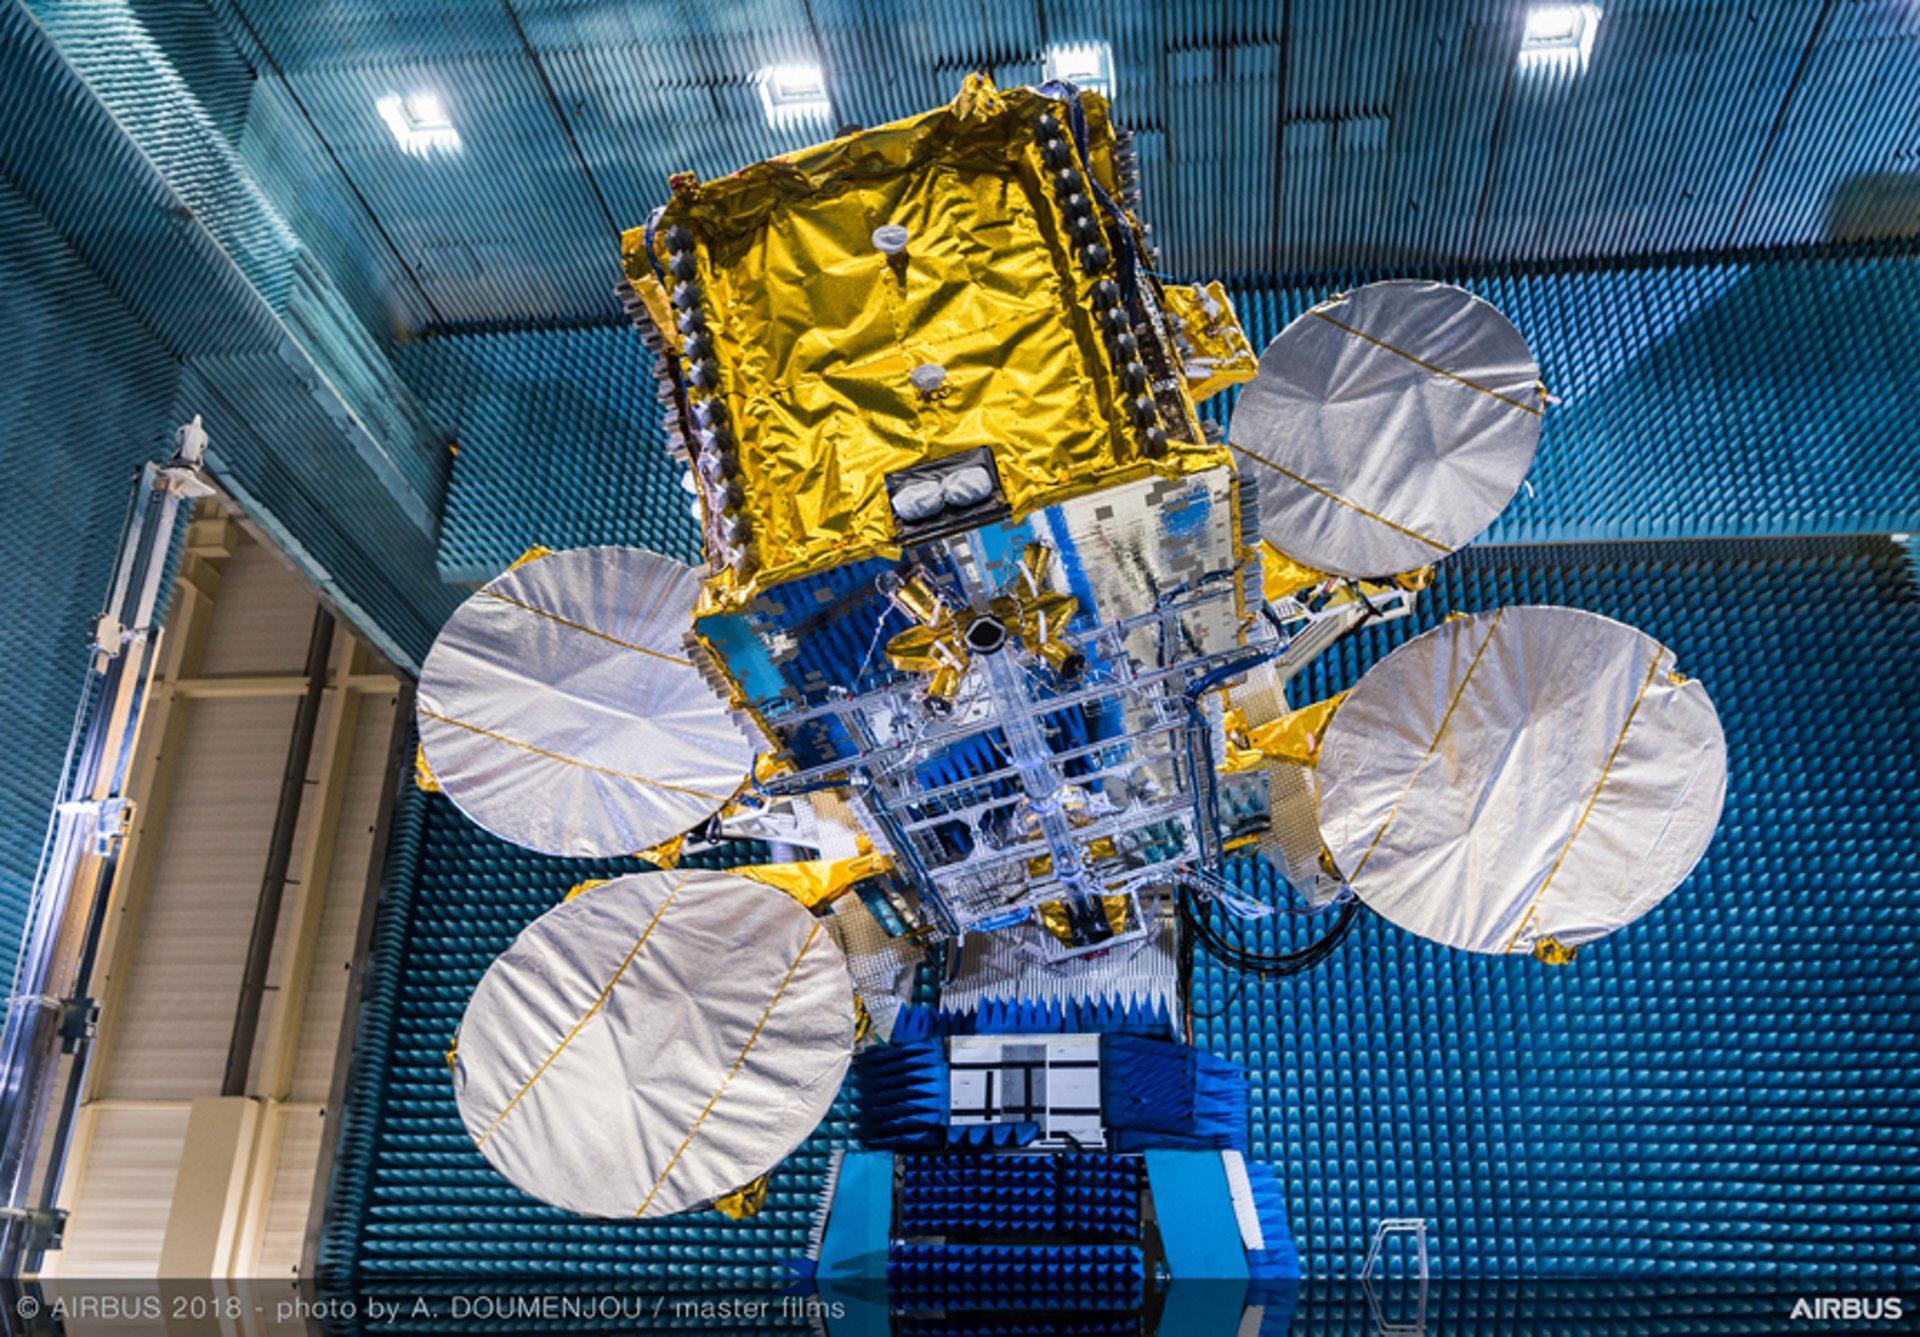 T-16 telecommunications satellite